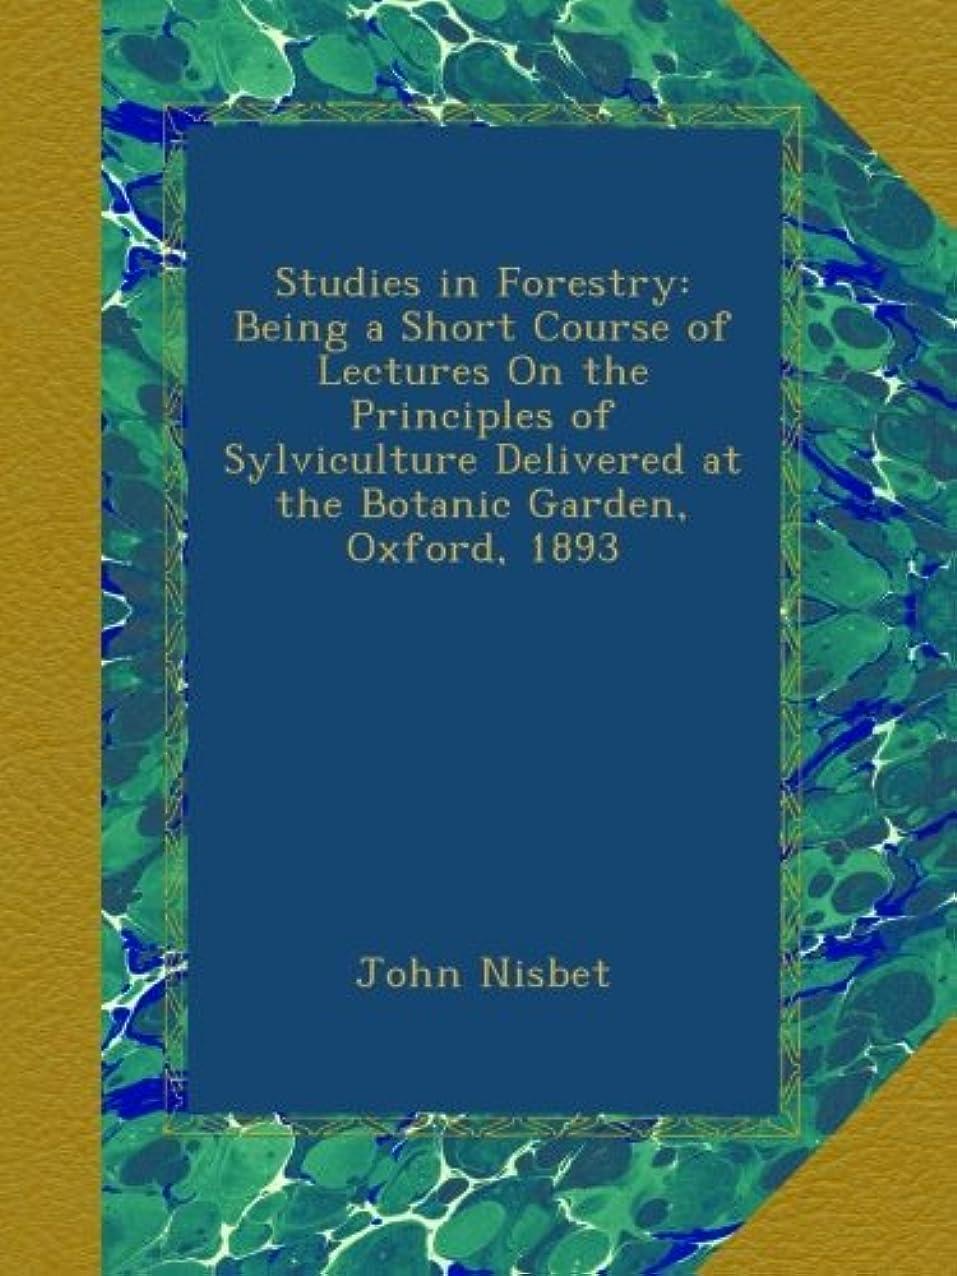 排気冷ややかな終わらせるStudies in Forestry: Being a Short Course of Lectures On the Principles of Sylviculture Delivered at the Botanic Garden, Oxford, 1893